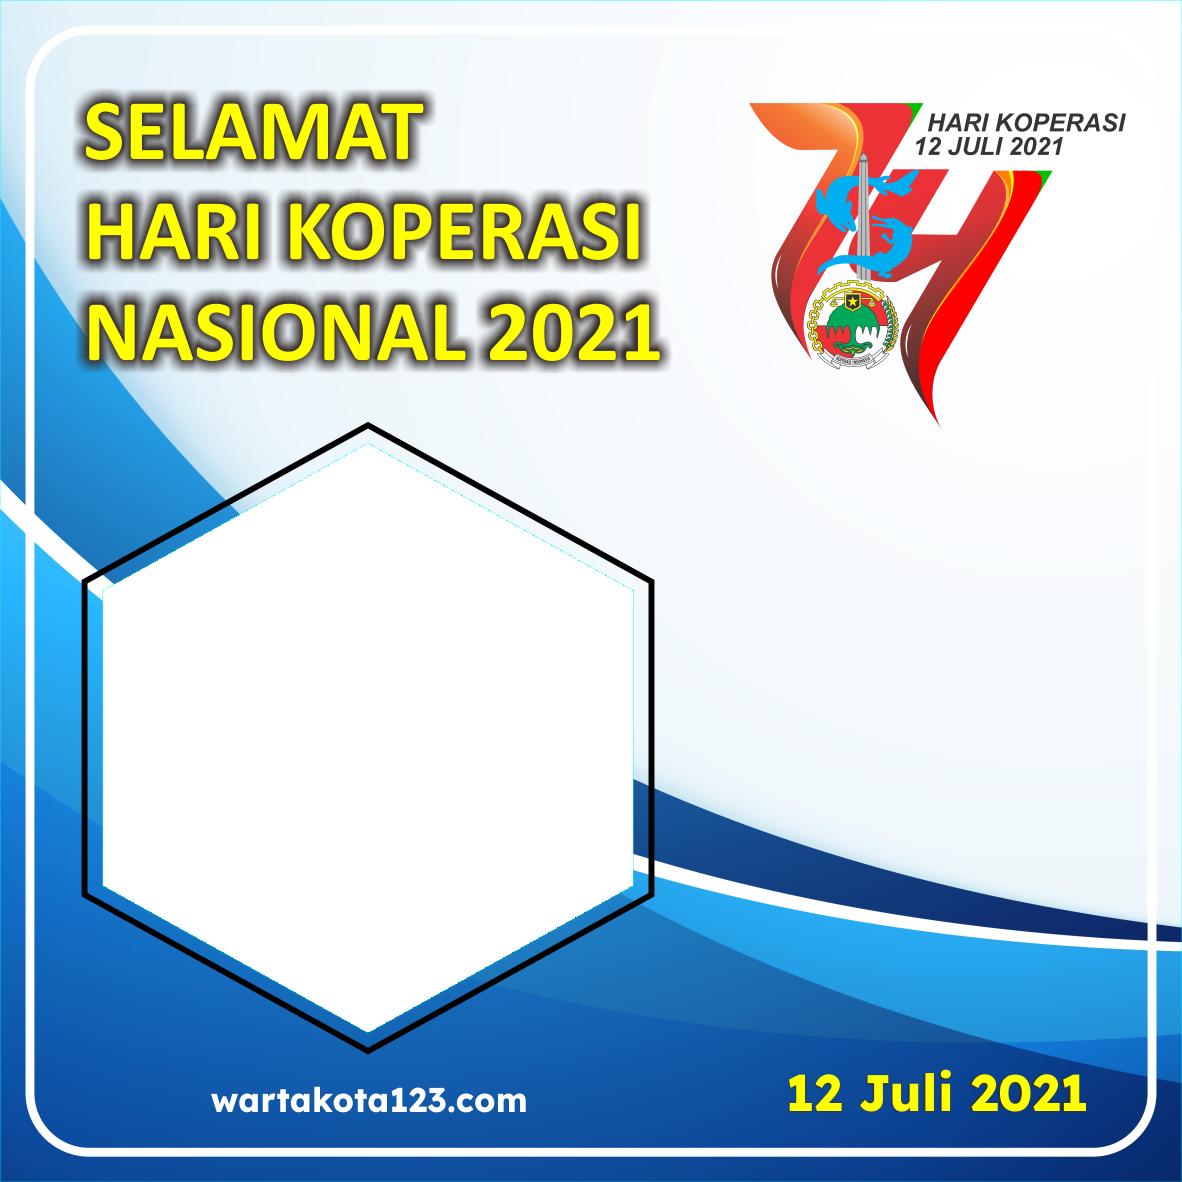 Twibbon Hari Koperasi Nasional 2021